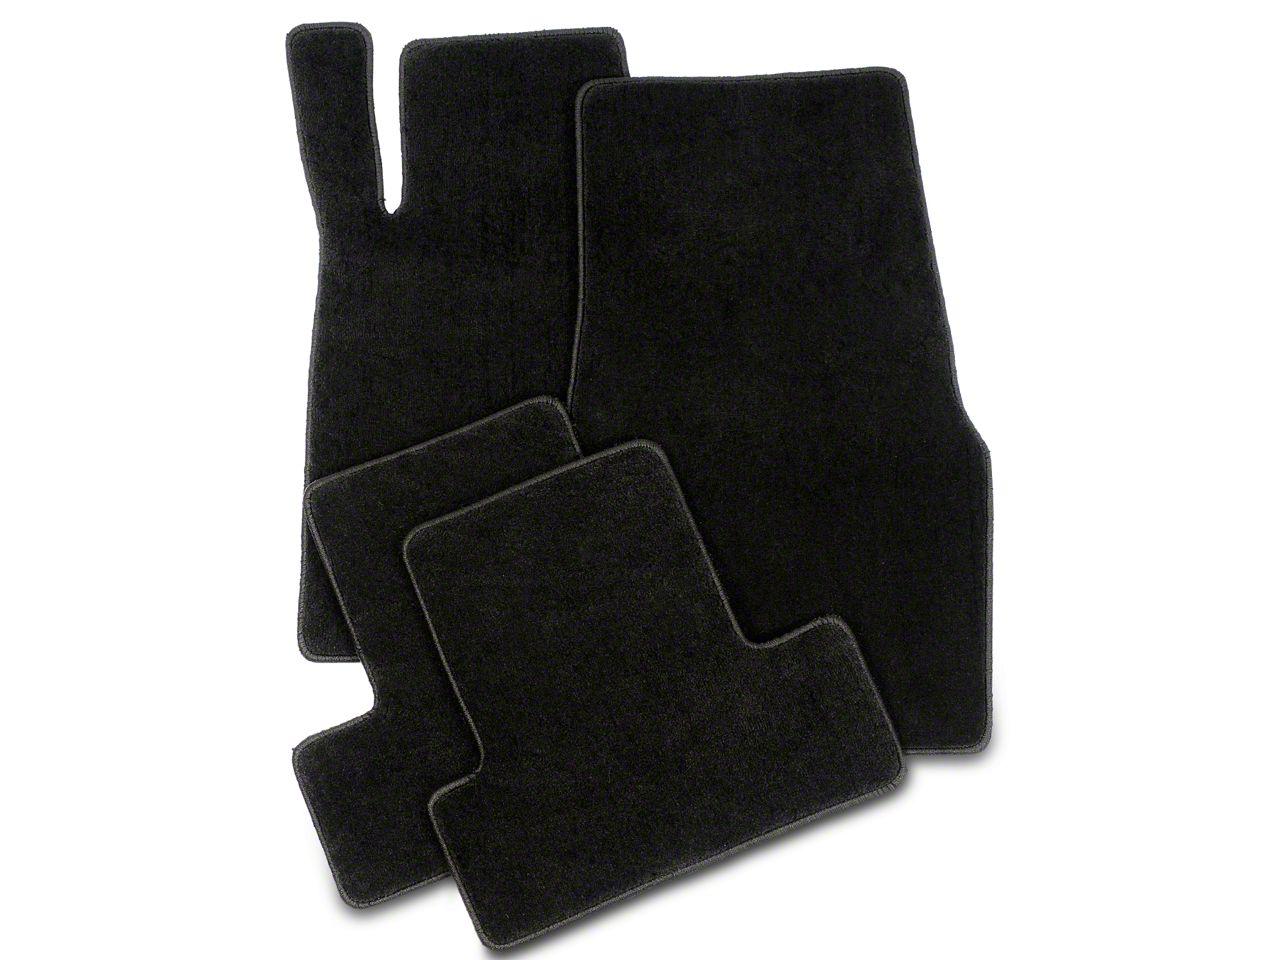 Lloyd Front & Rear Floor Mats - Black (05-10 All)